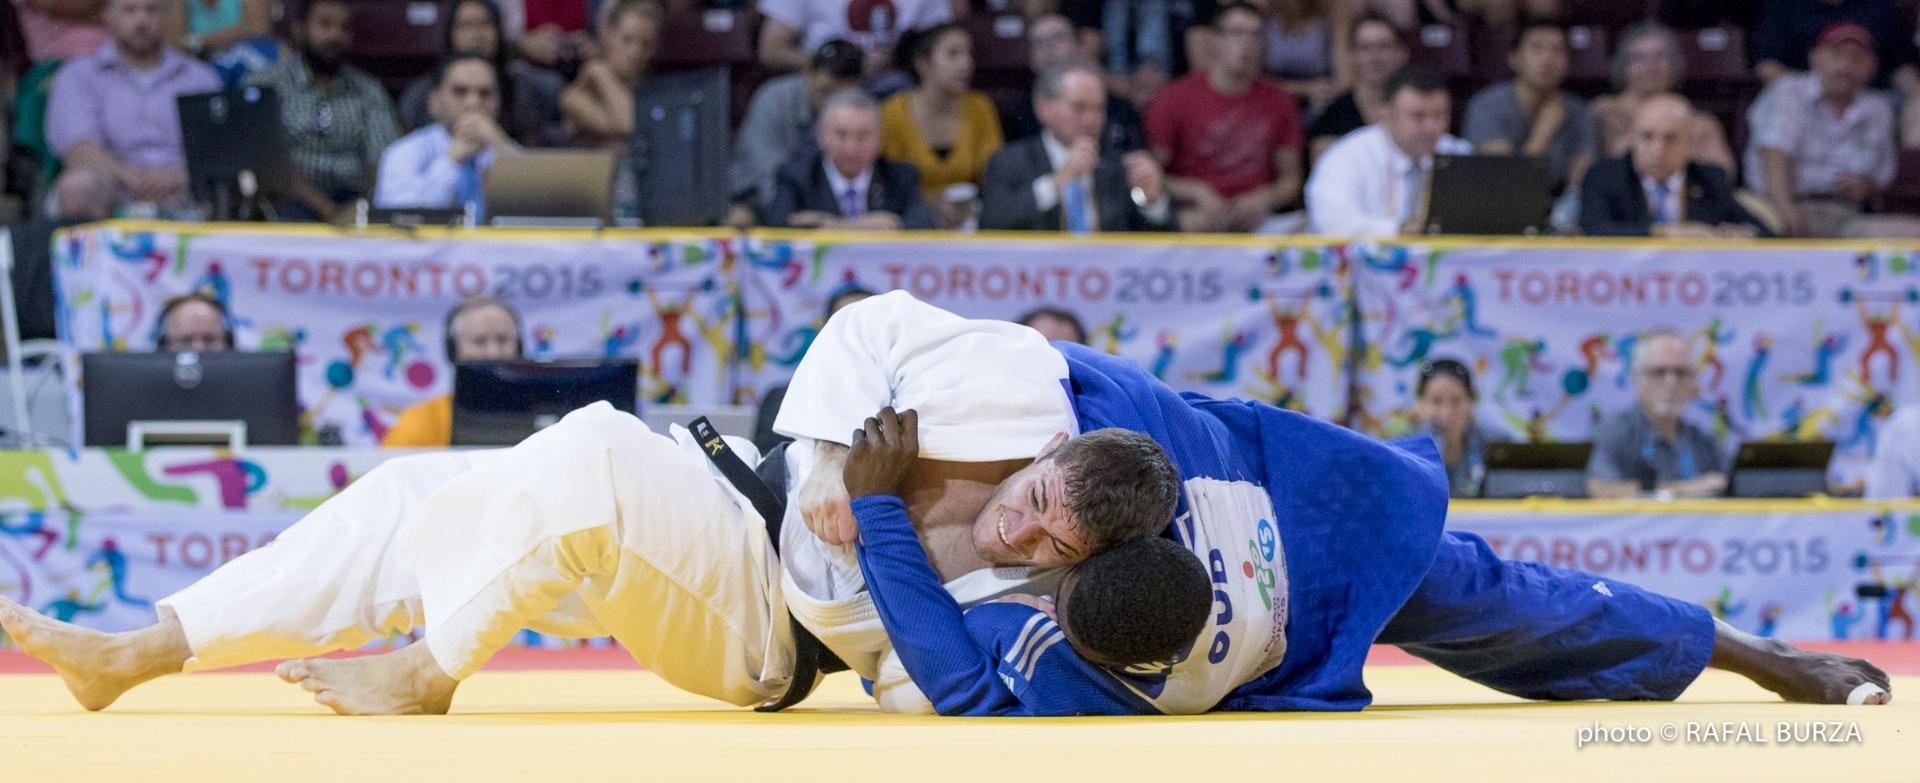 Victor Penalber em ação nos Jogos Pan-Americanos de Toronto